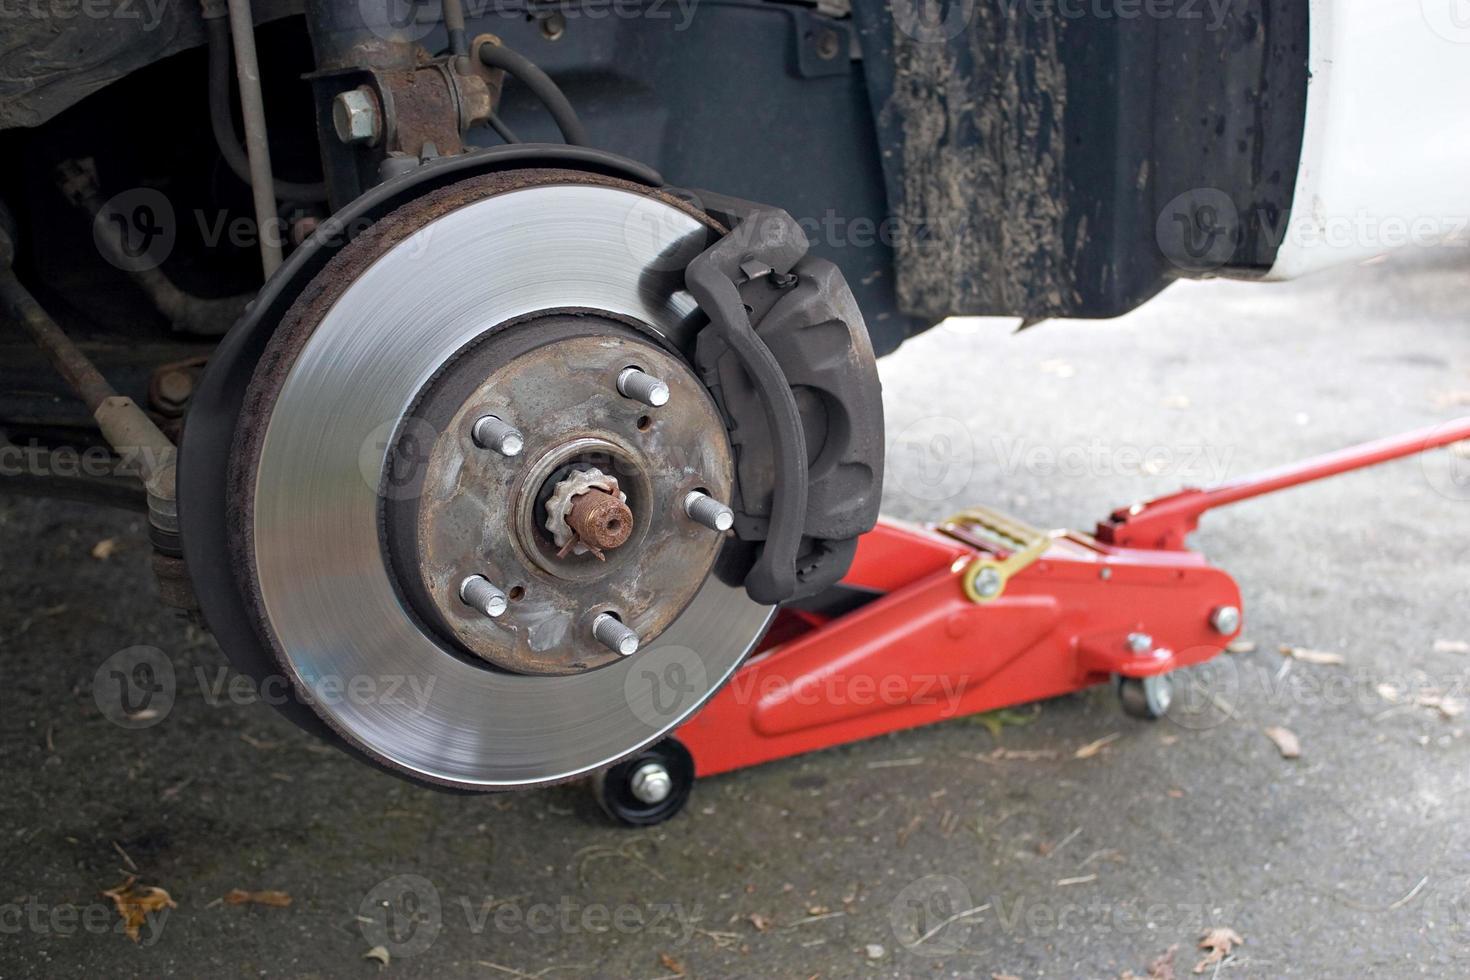 un rotor de frein sur une voiture qui est levée photo